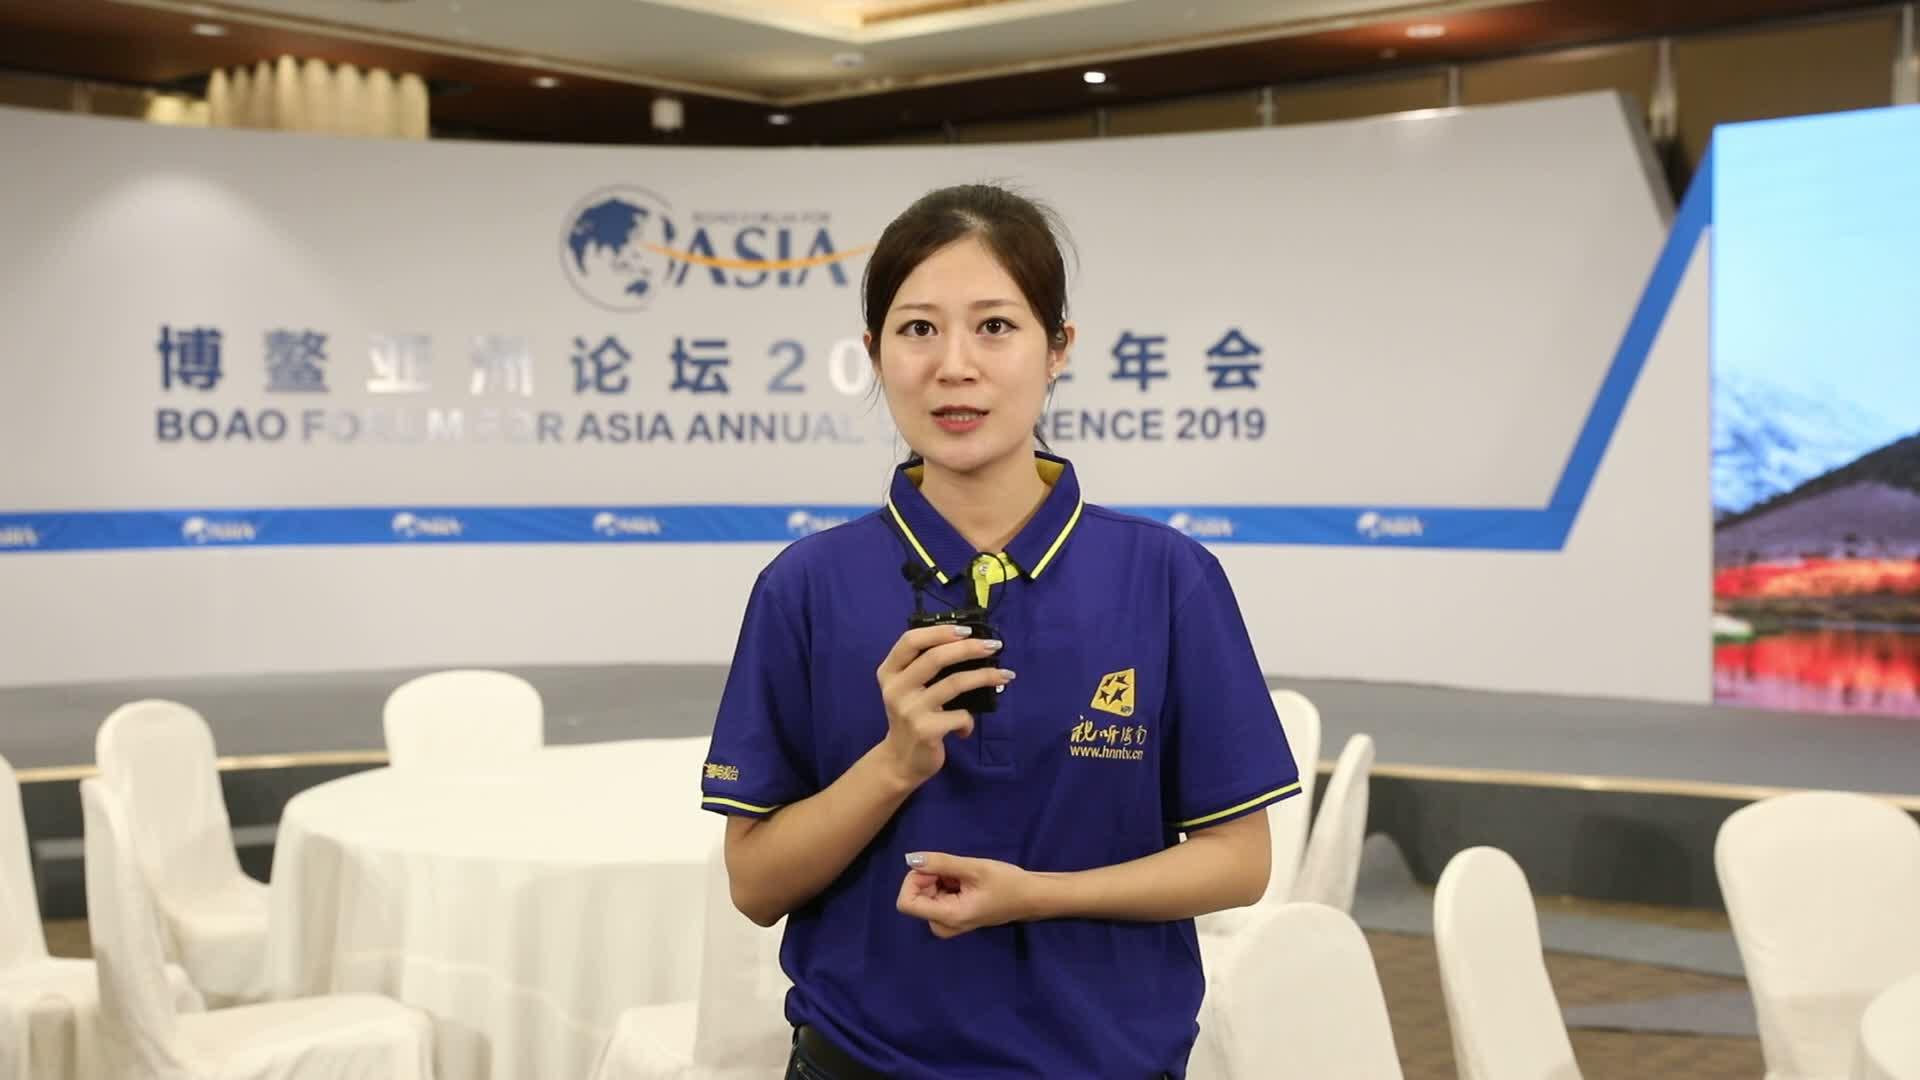 博鳌亚洲论坛2019年年会·前奏|用好博鳌亚洲论坛平台 服务中国特色自由贸易建设